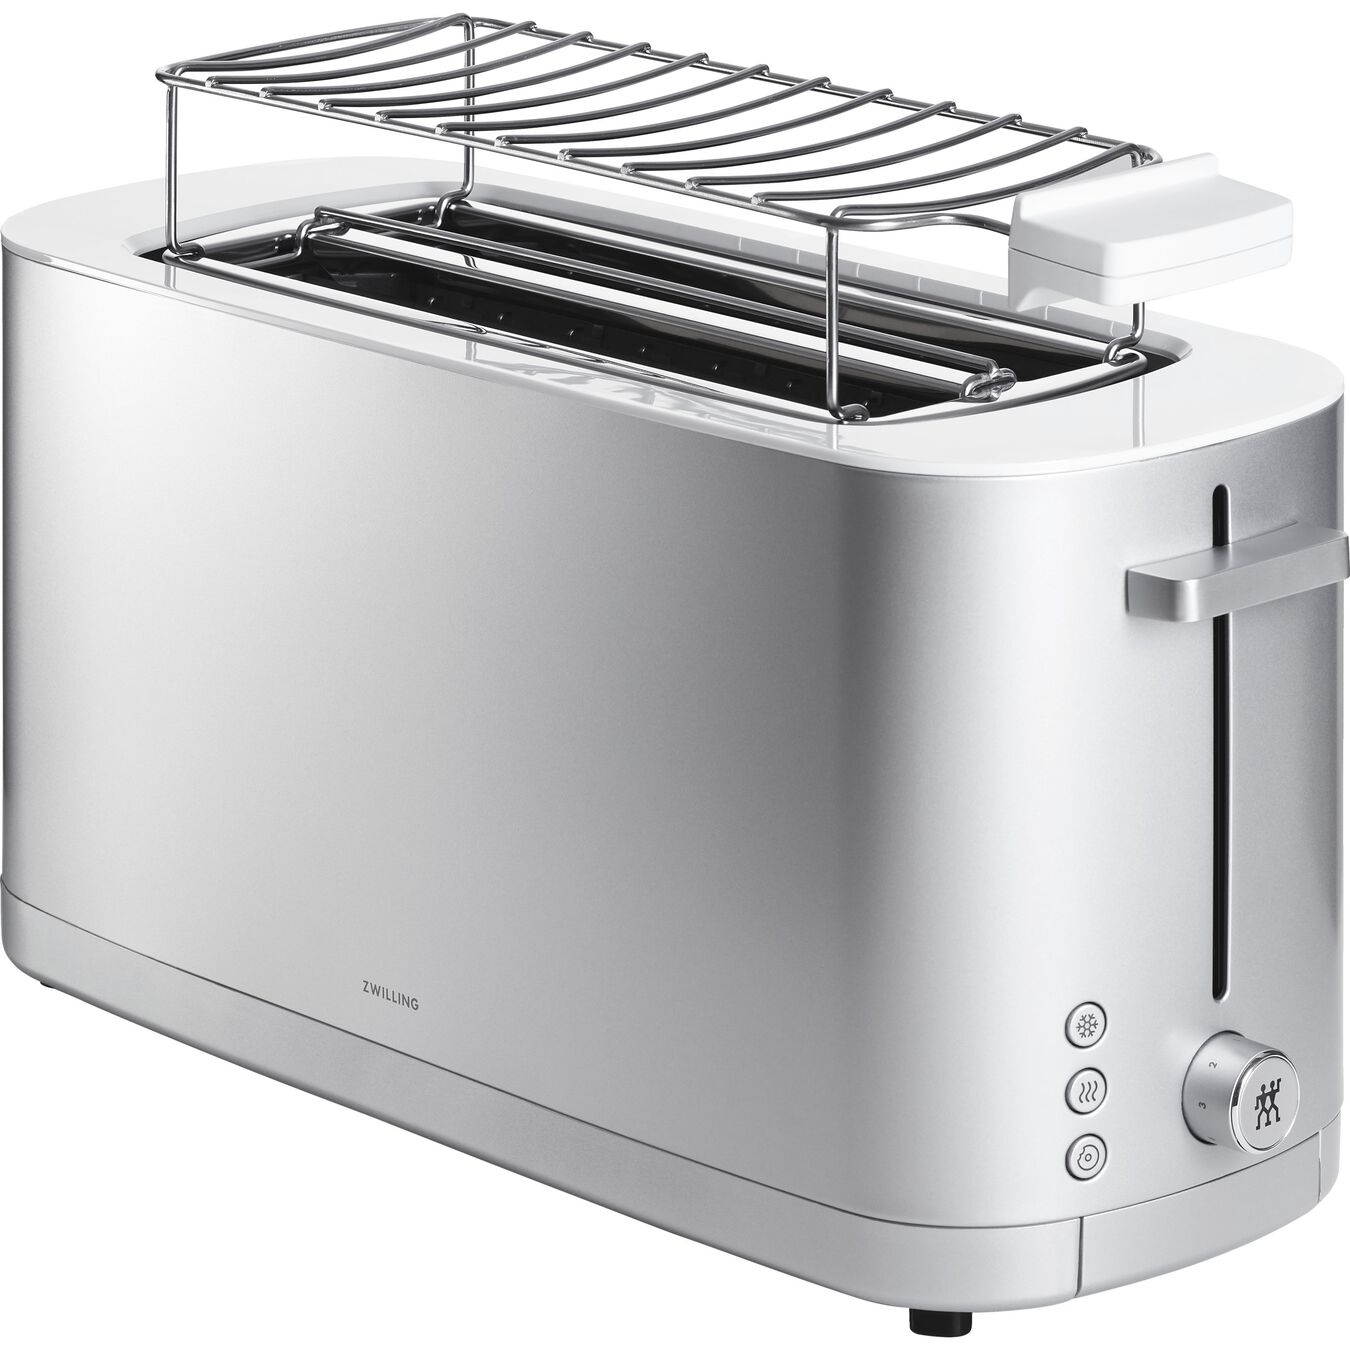 Ekmek Kızartma Makinesi çörek ısıtıcılı | 2 yuva 4 dilim,,large 8